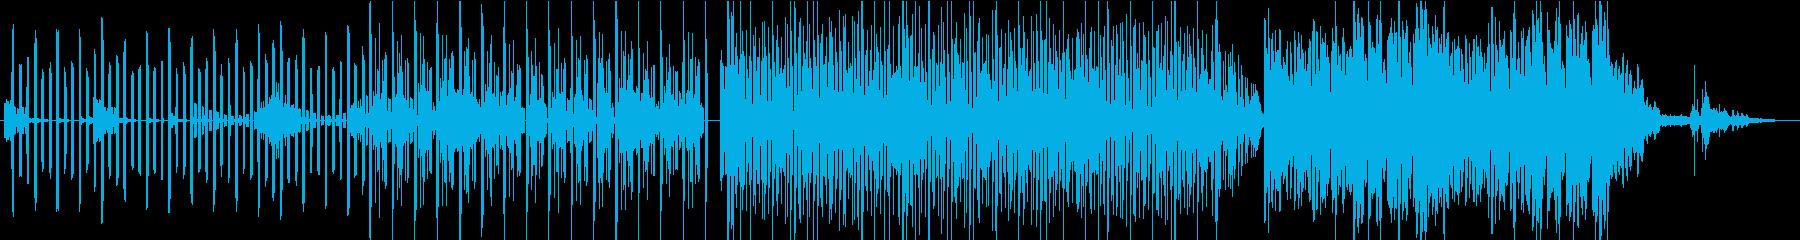 哀愁漂う電子音のワルツ作品の再生済みの波形